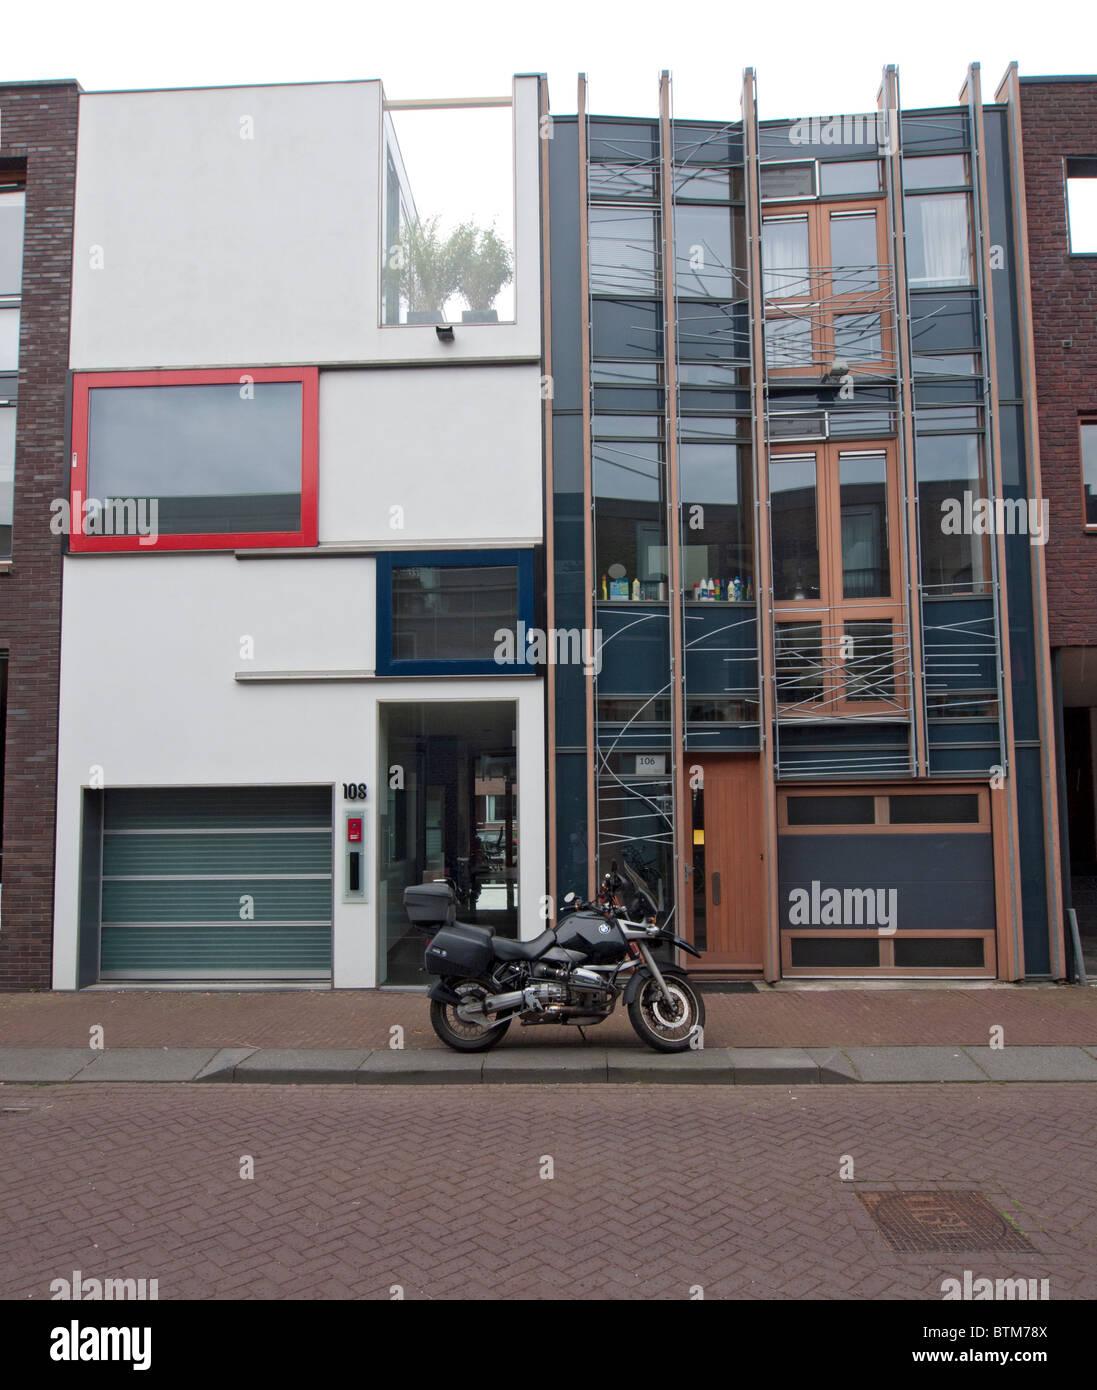 Modern Architecture Netherlands modern architecture of new houses on scheepstimmermanstraat in